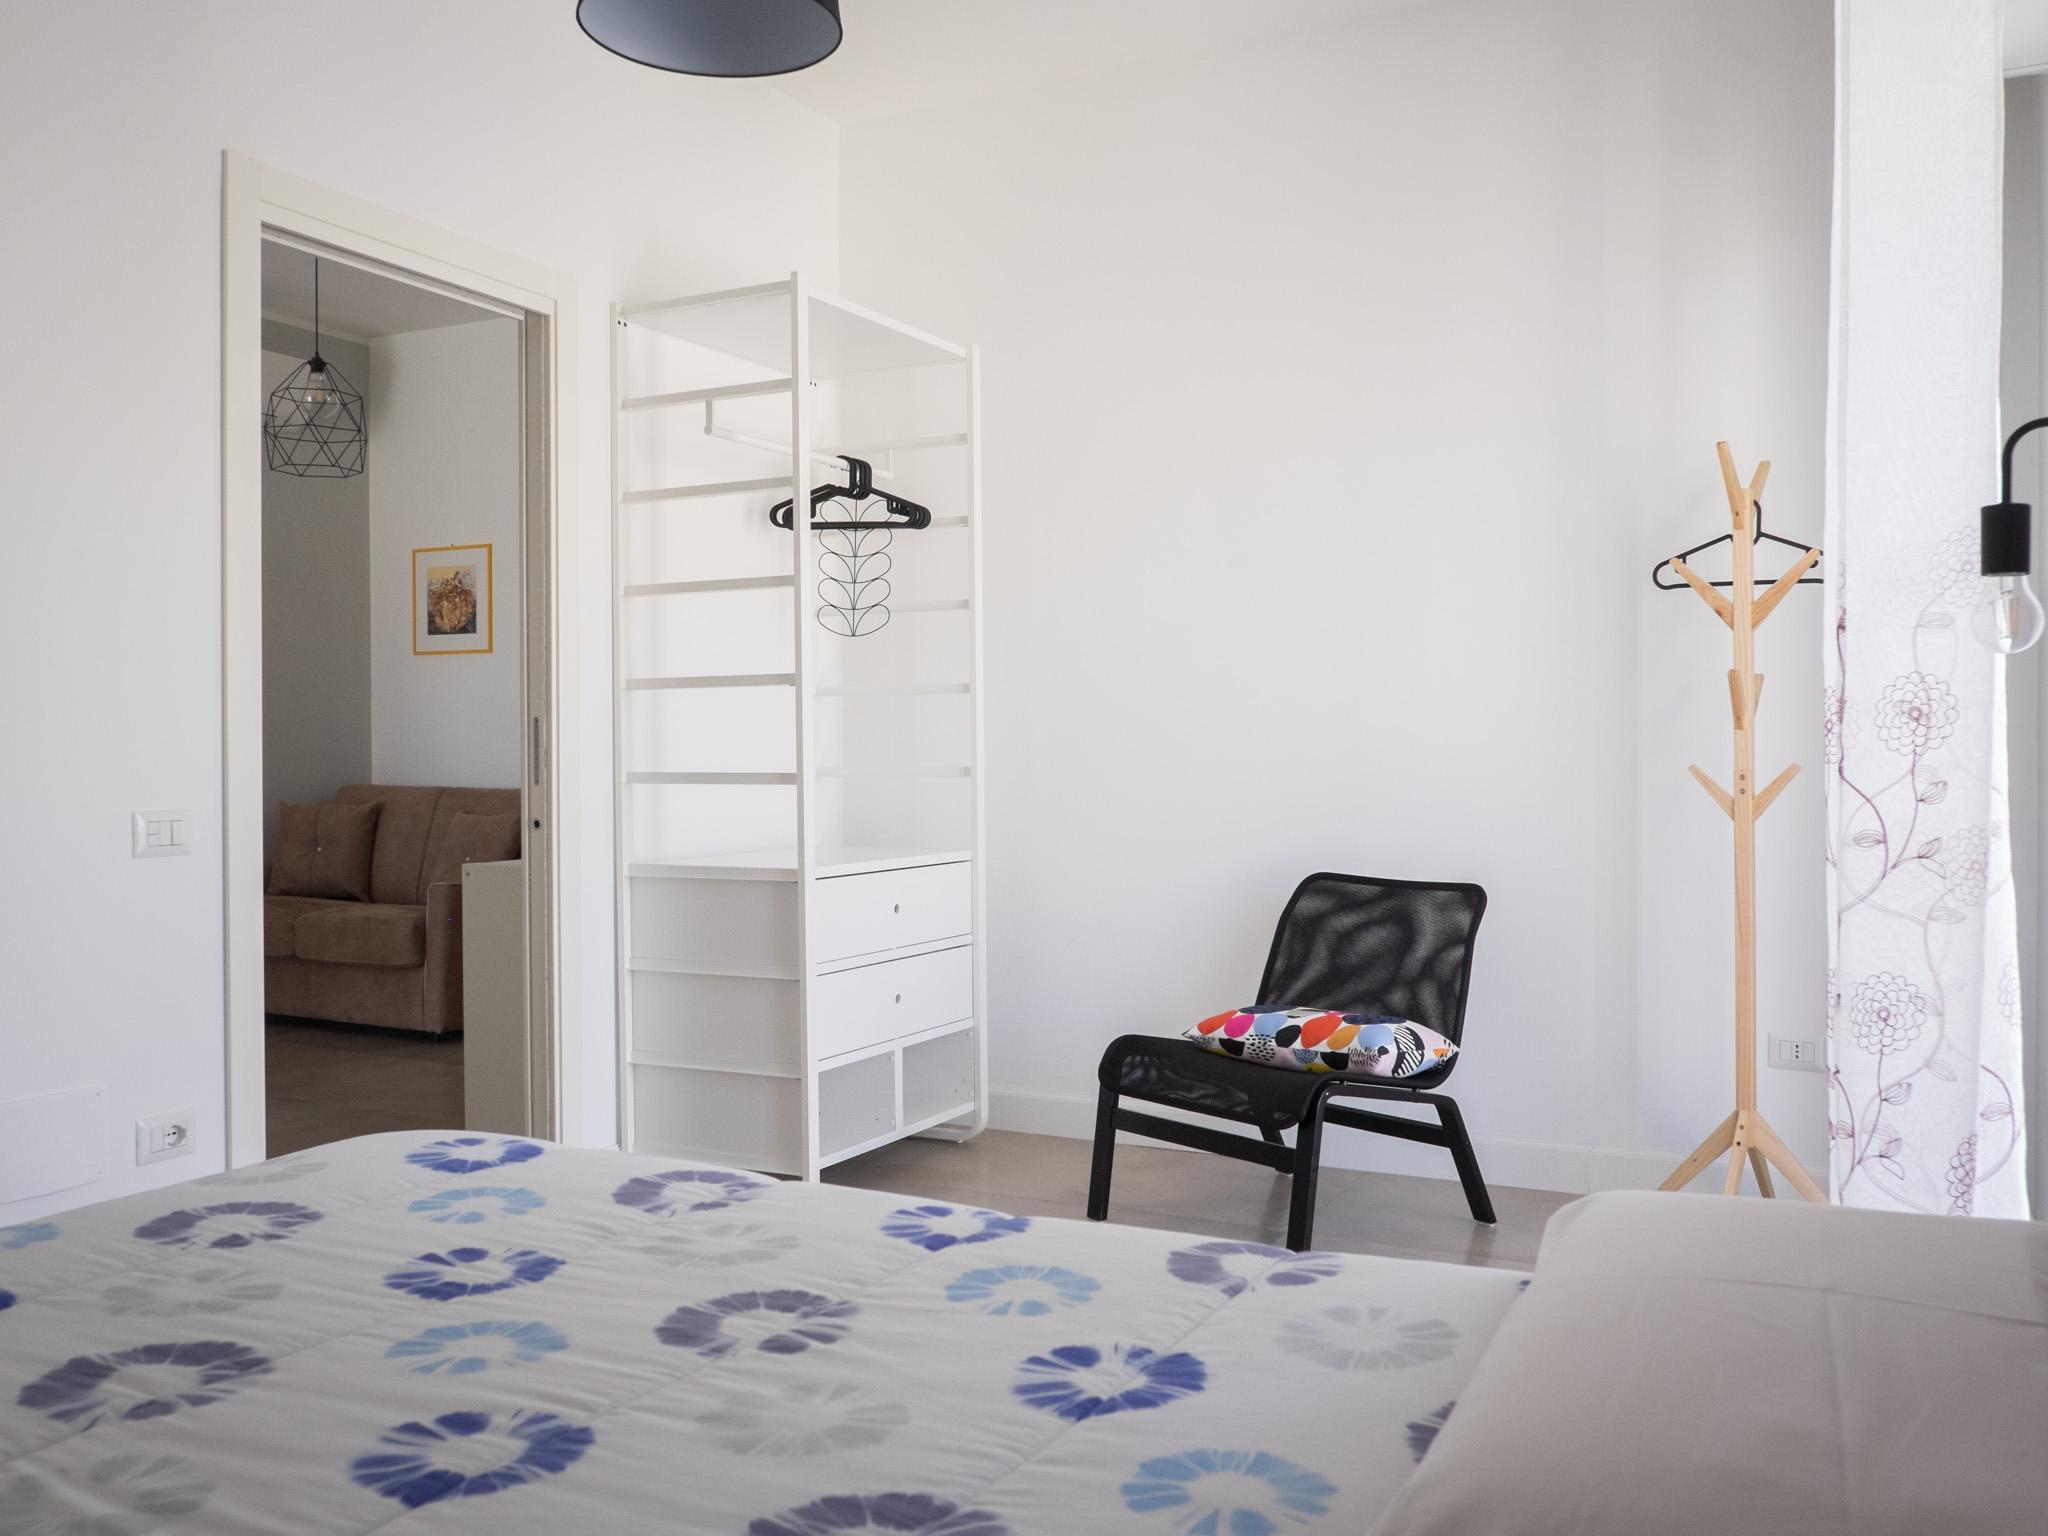 longobardi apartments la-casa-dei-nonni-casa-vacanze-bb-camere-dormire-sassi-di-matera-basilicata-69